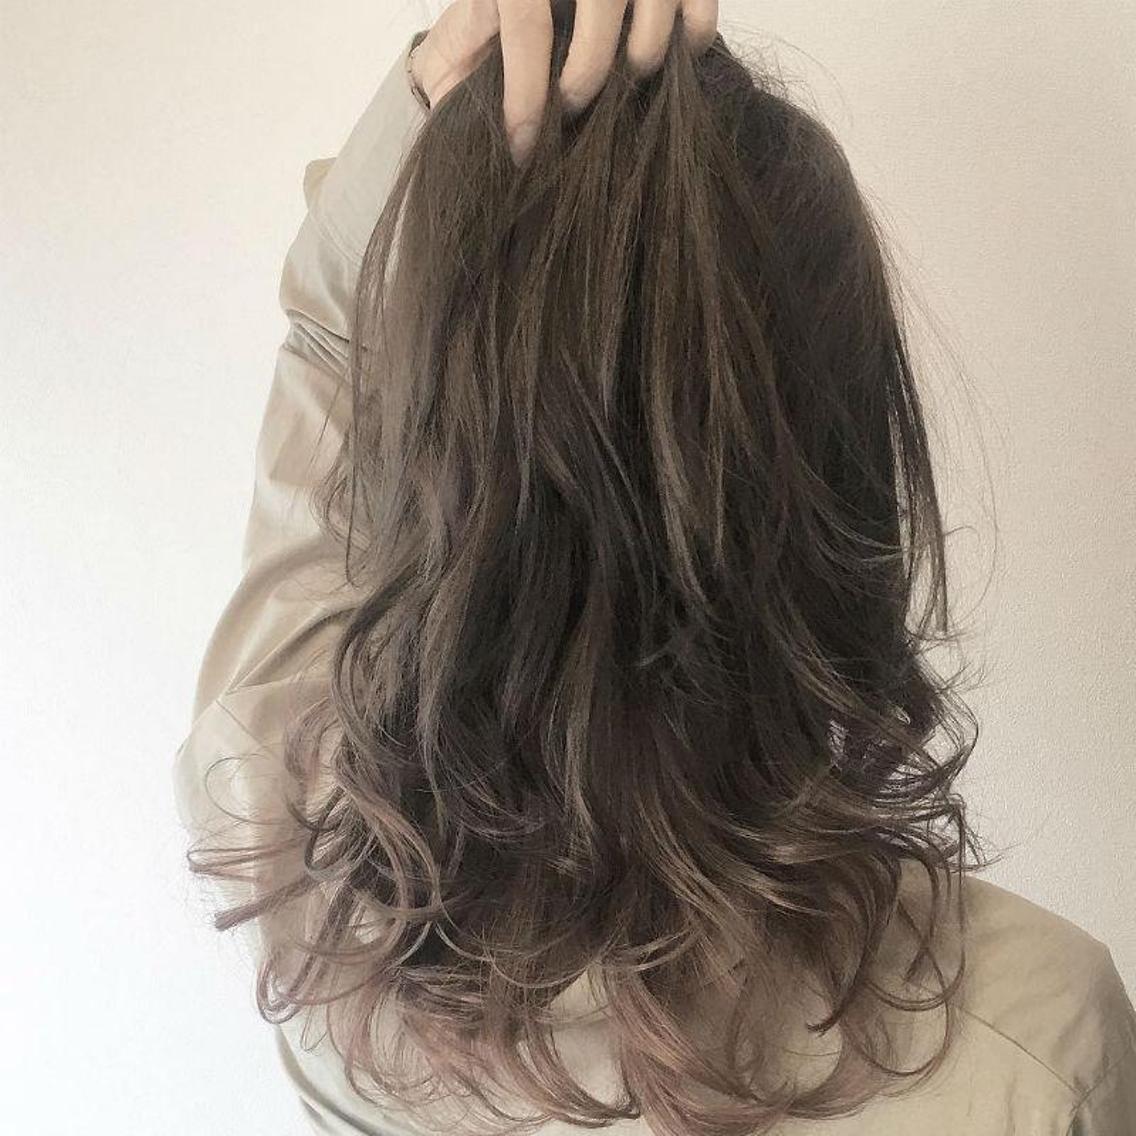 ALTAIR HAIR DESIGN所属・ALTAIR HAIR DESIGNの掲載